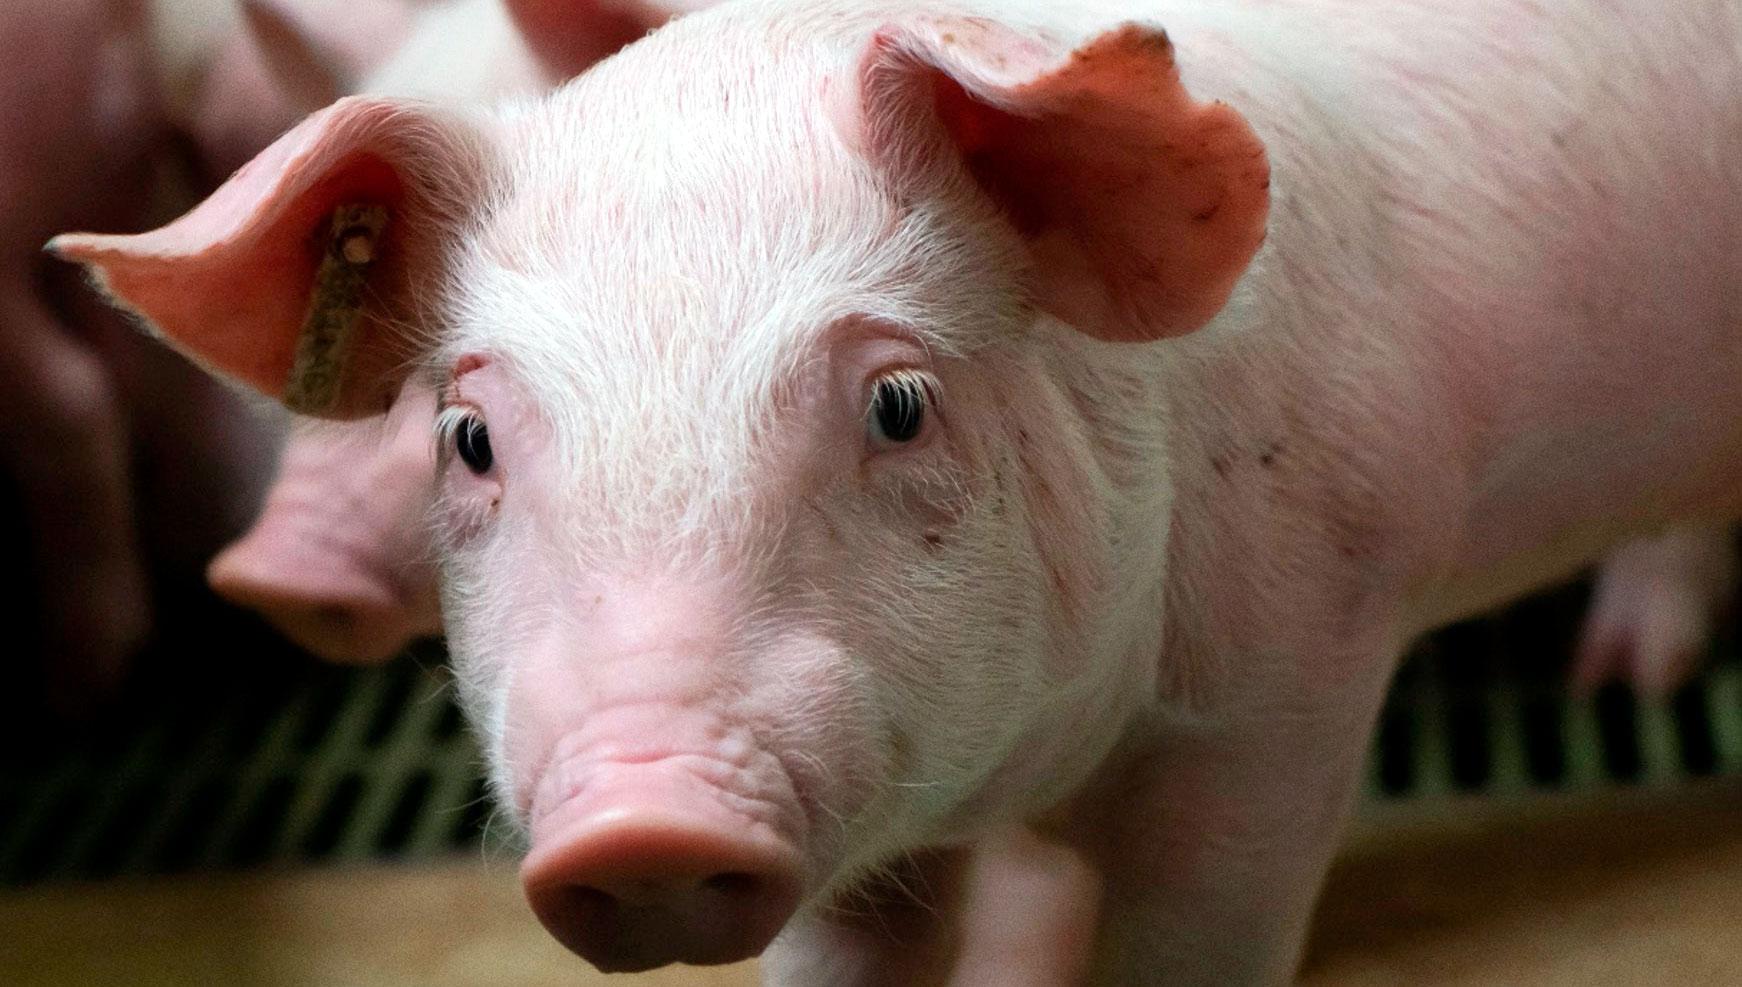 Inmunización contra el PRRSV de cerdos en unidades de engorde inestables positivas de múltiples orígenes: ¿es mejor vacunar a los cerdos en origen o a la llegada?